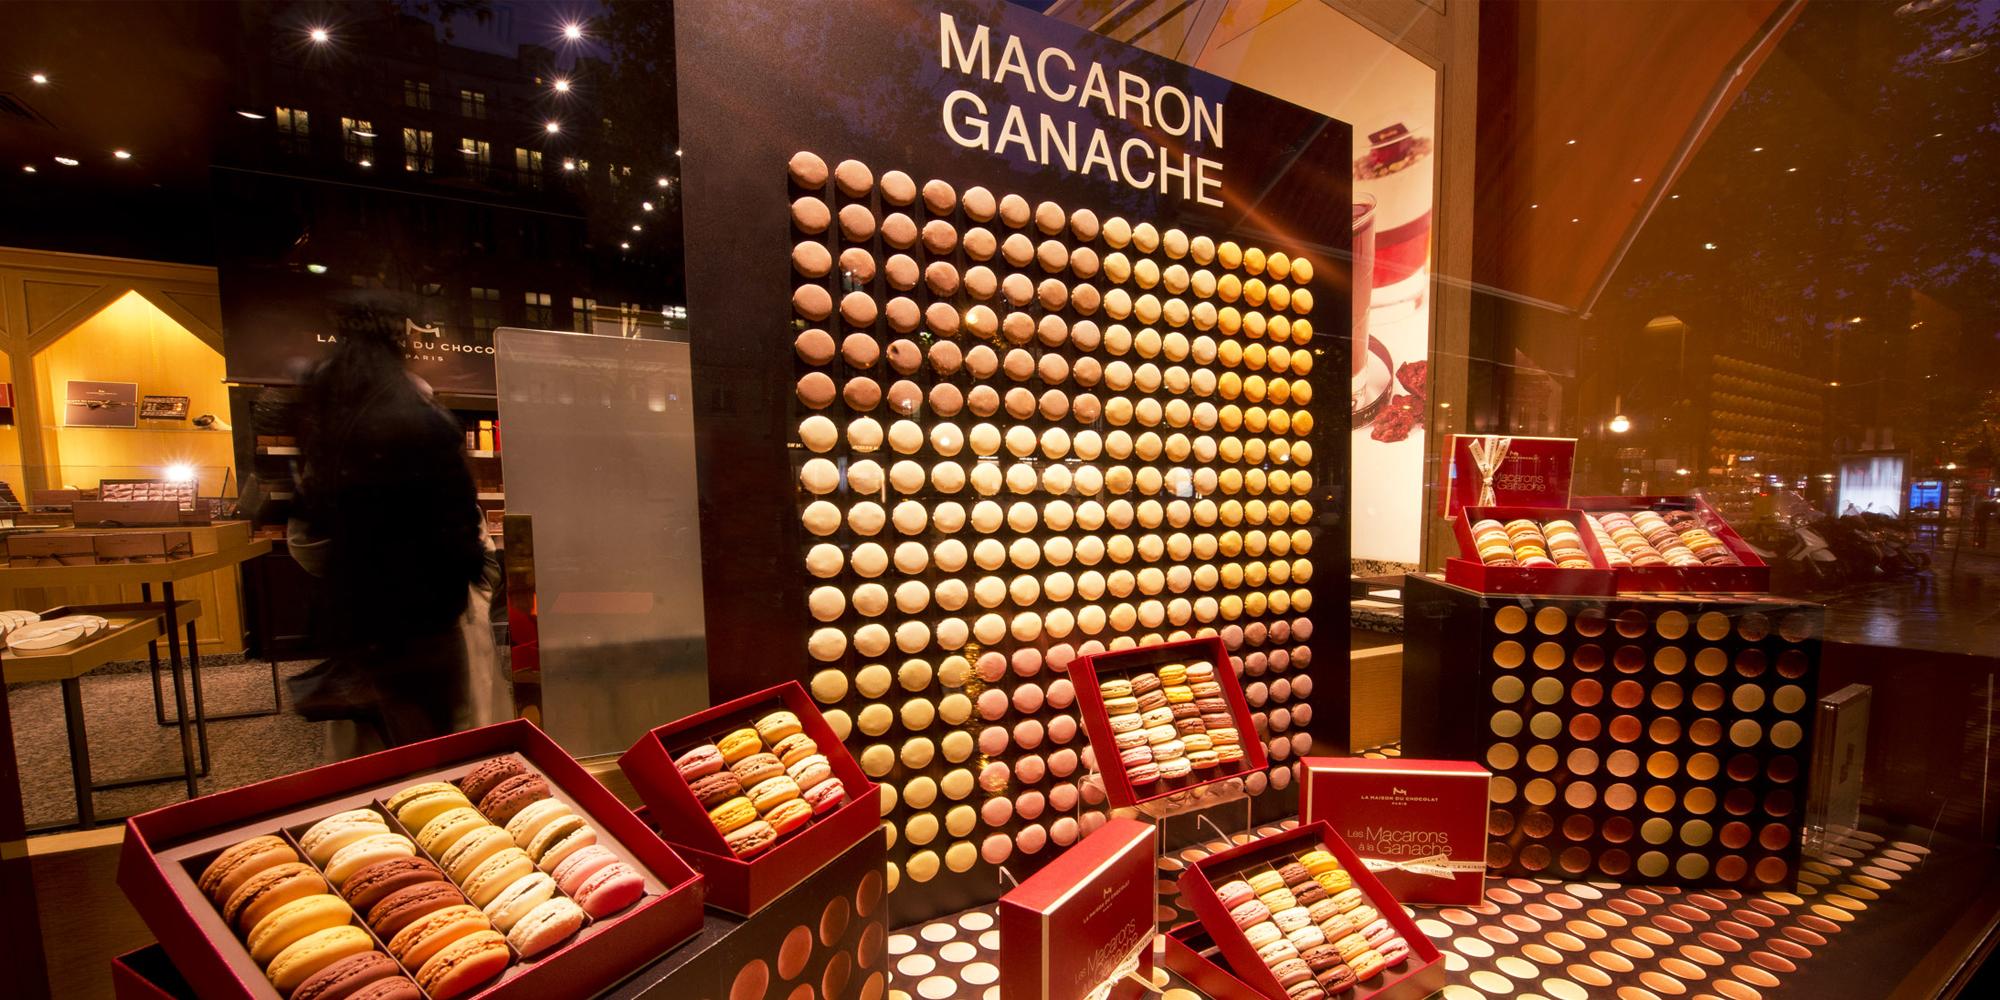 vitrine de la maison du chocolat décorée avec des demies-coques de macarons factices réalisés par l'atelier Cobalt Fx